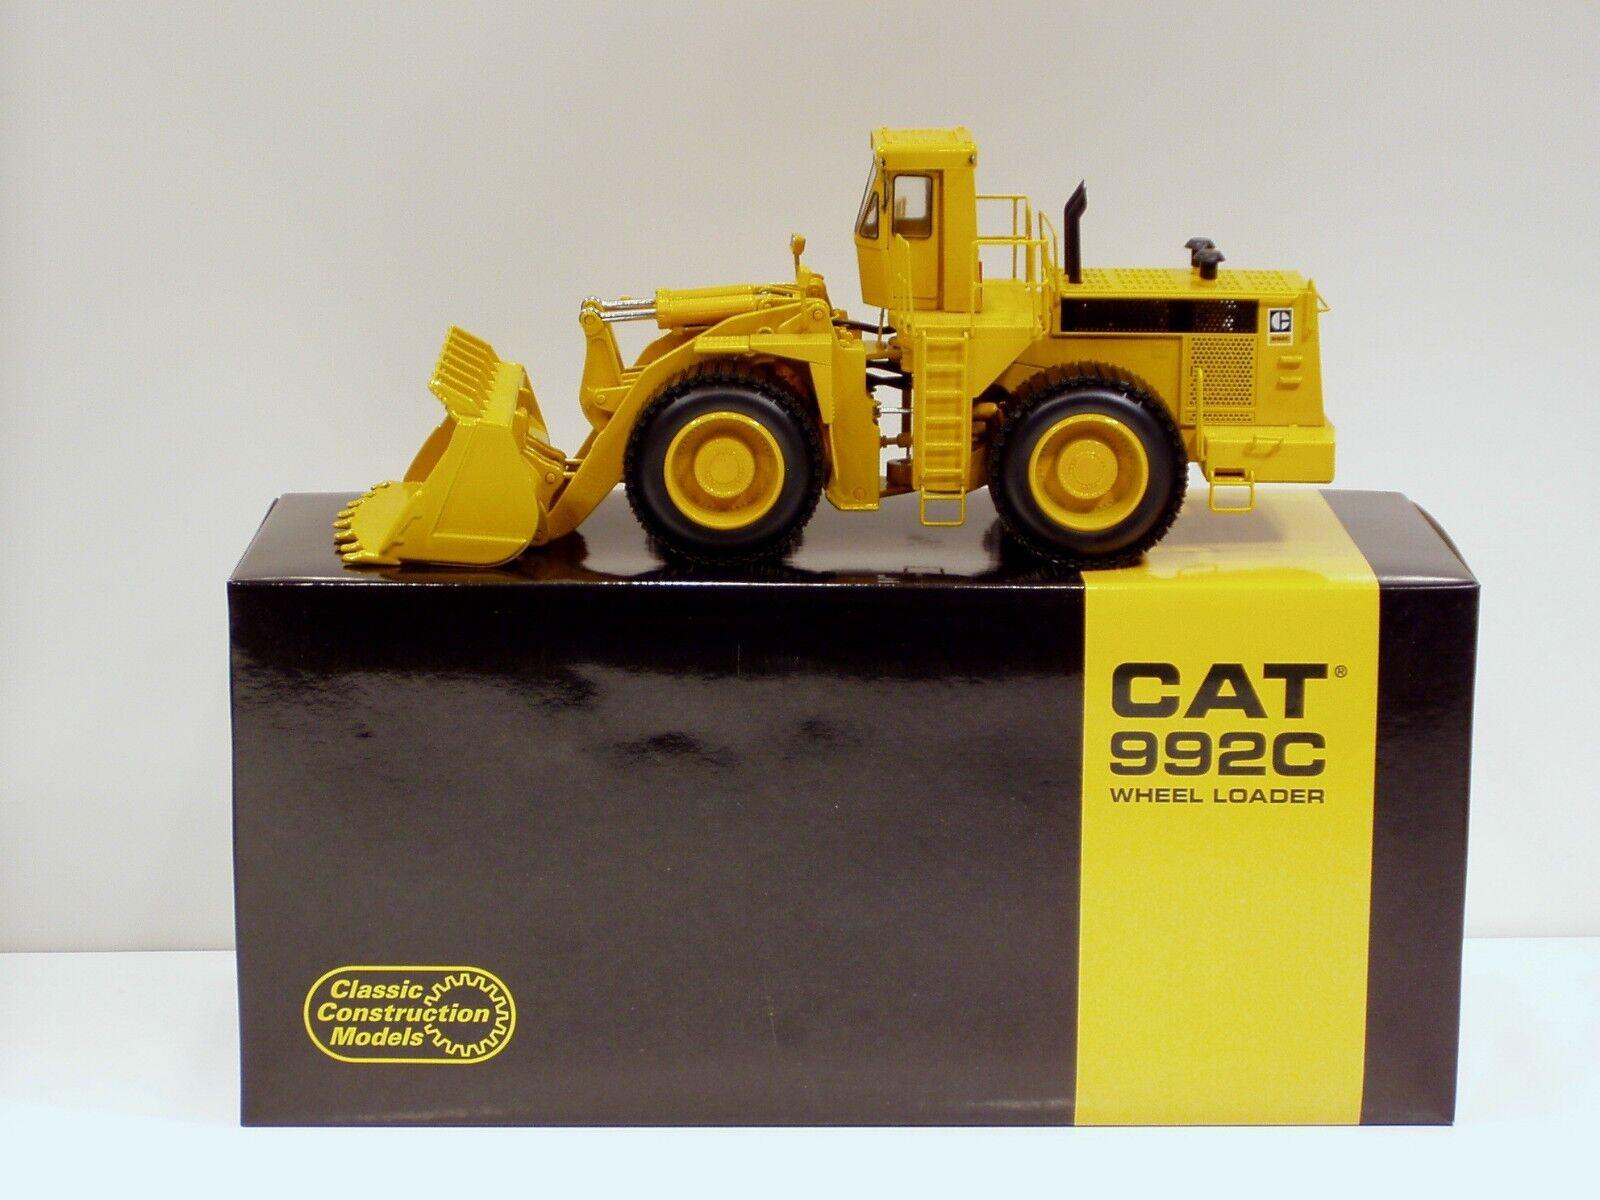 Caterpillar 992 C CHARGEUSE  Bague pneu  - 1 48 - CCM-Diecast-neuf 2012